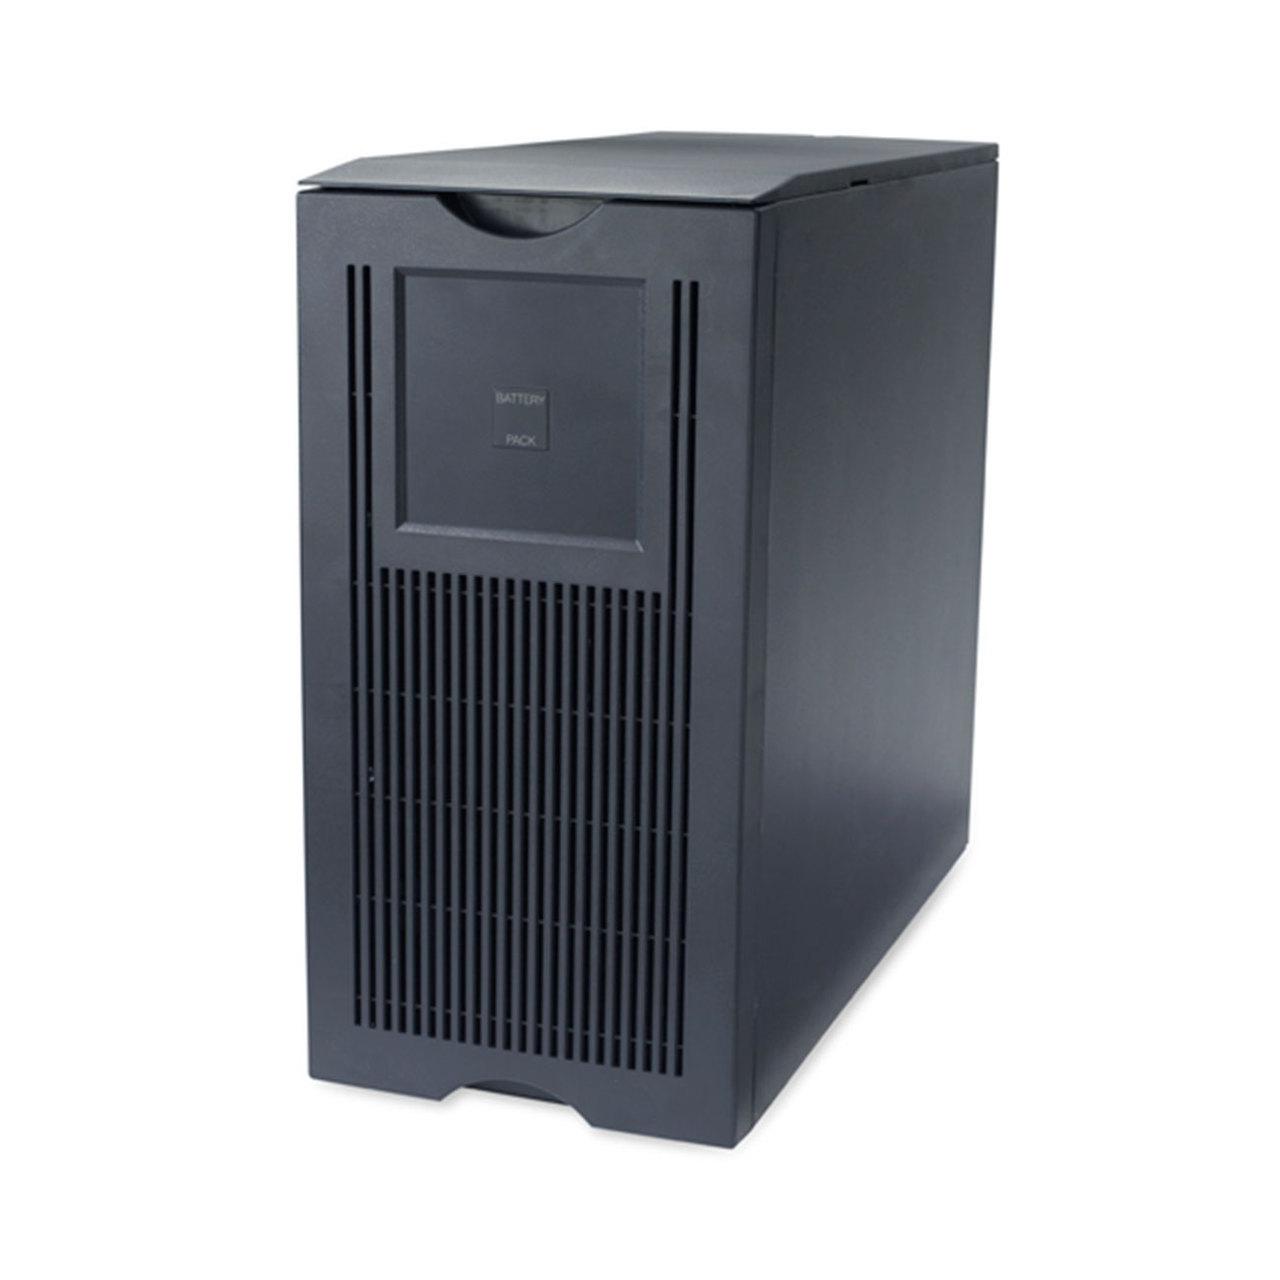 APC SUA48XLBP Smart-UPS XL 48V Battery Pack for Tower or Rackmount Smart-UPS Range